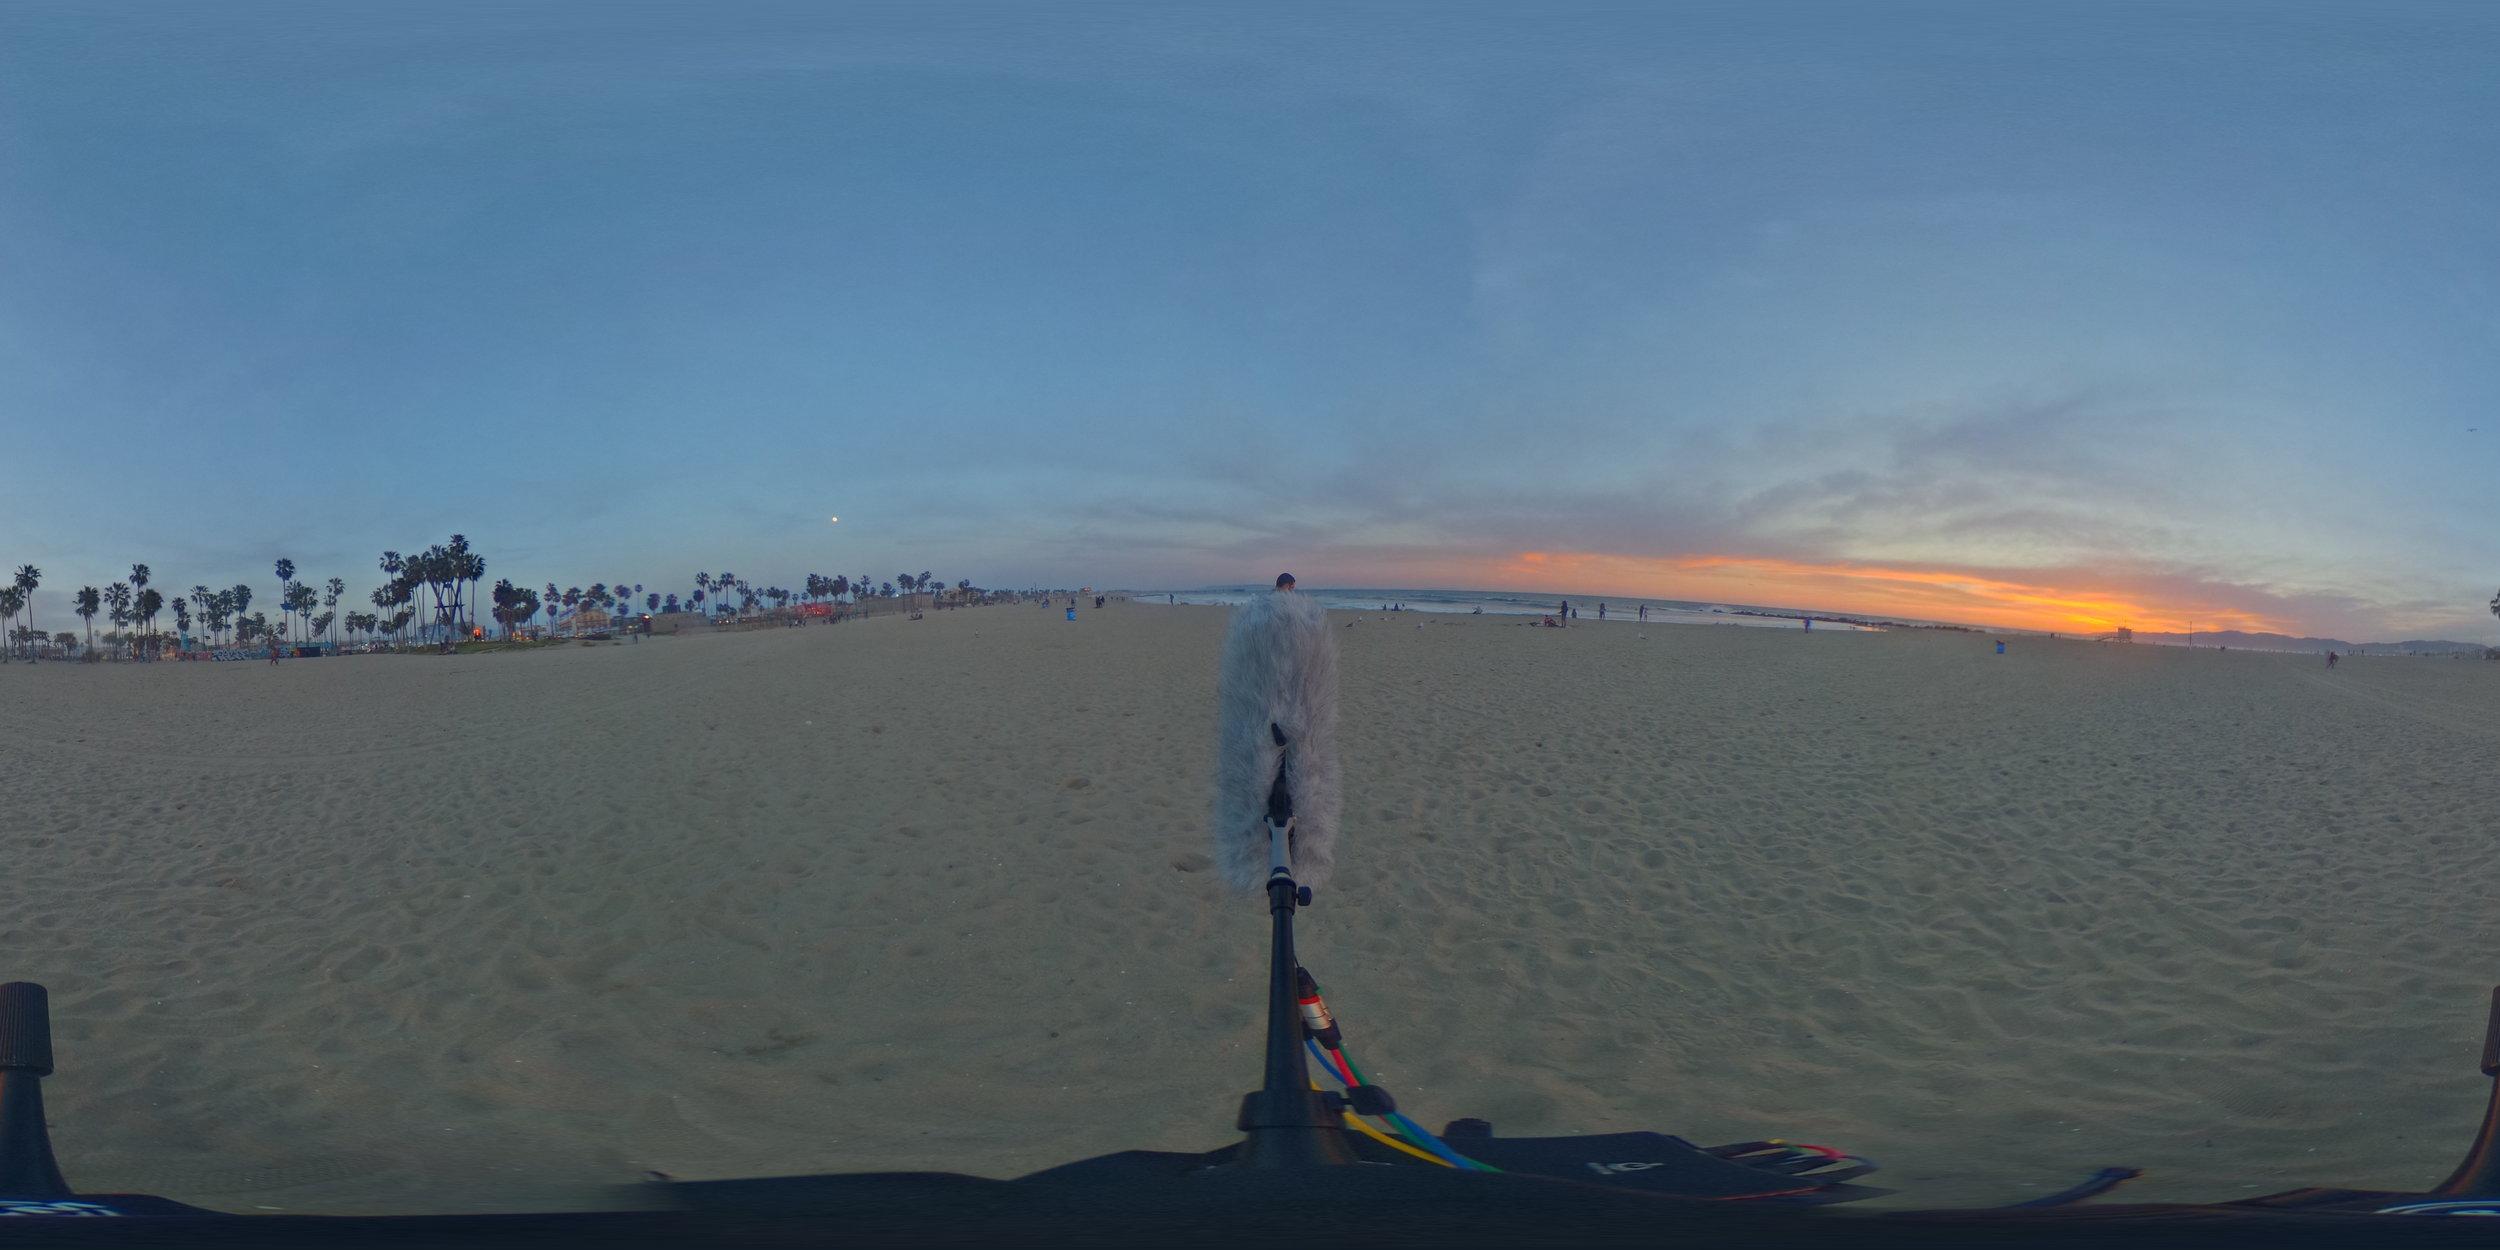 EXT_Sunset_Beach_DistantSeagulls_DistantWaves_VeryDistantWalla_JPEG.JPG